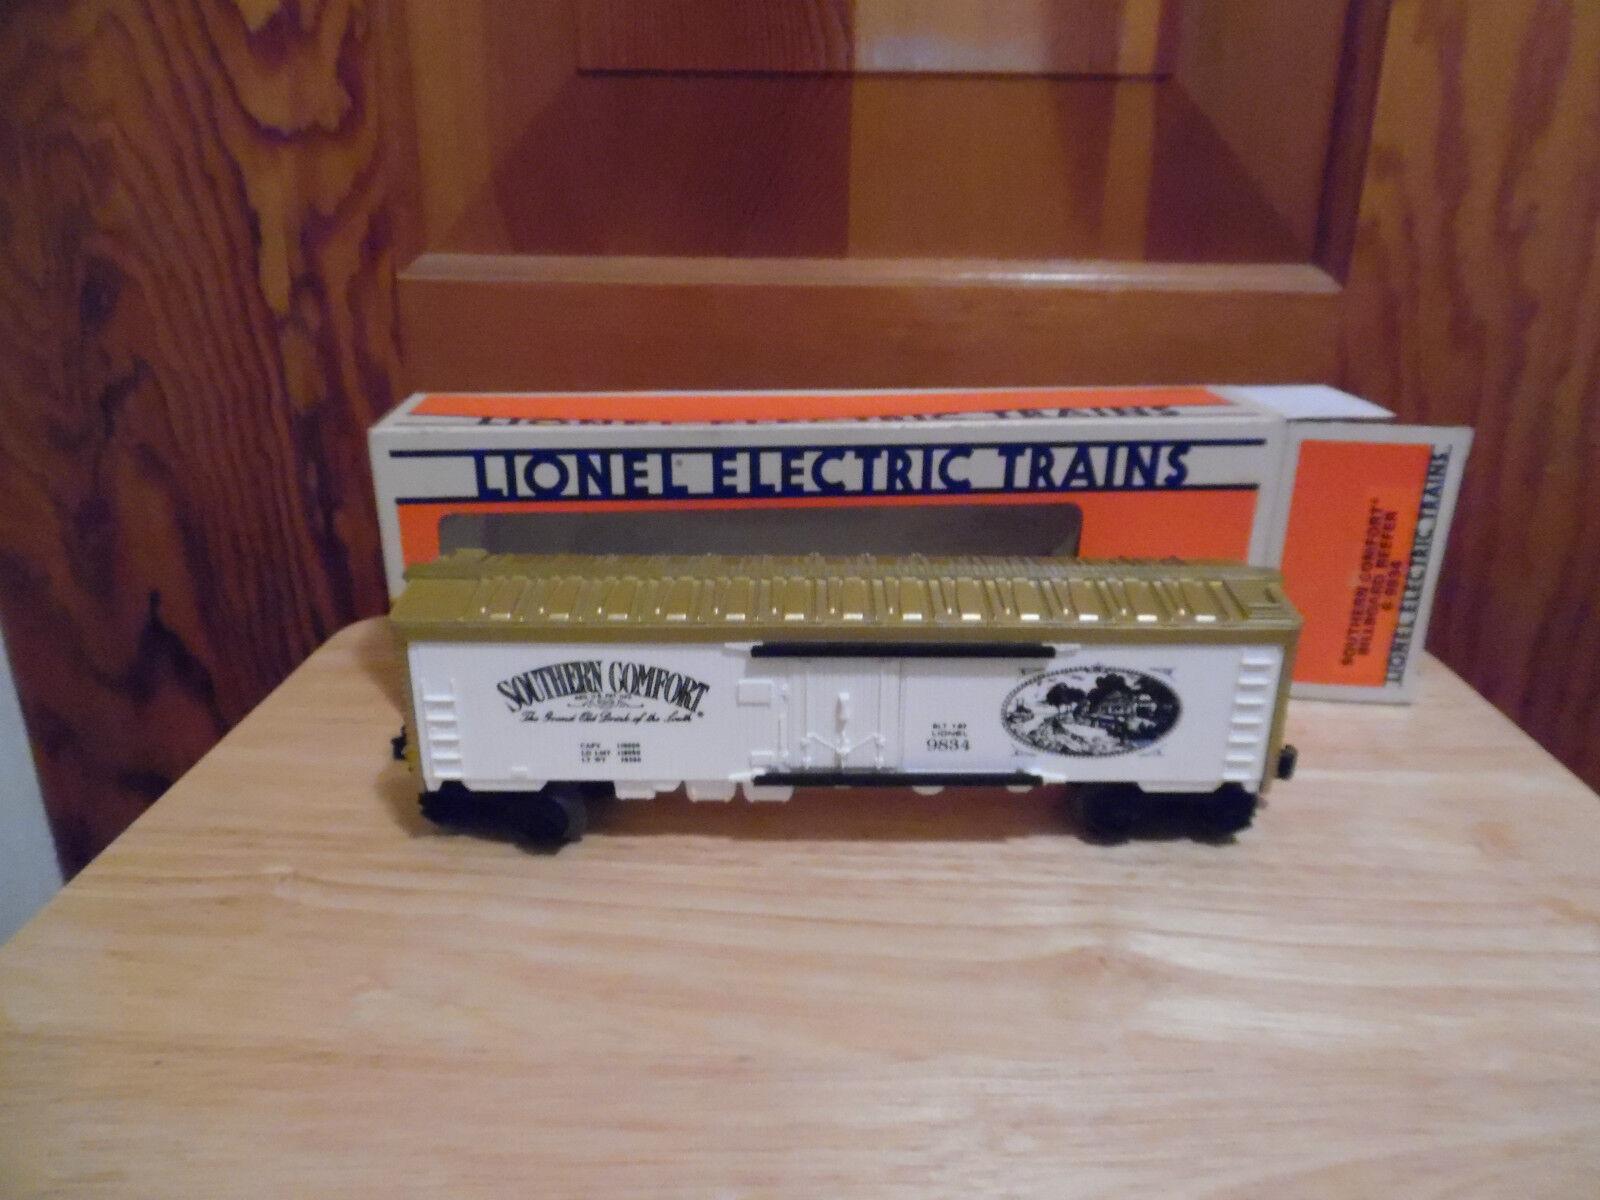 Lionel 6-9834 O and 027 Gauge Southern Comfort Billboard Reefer Car- EUC